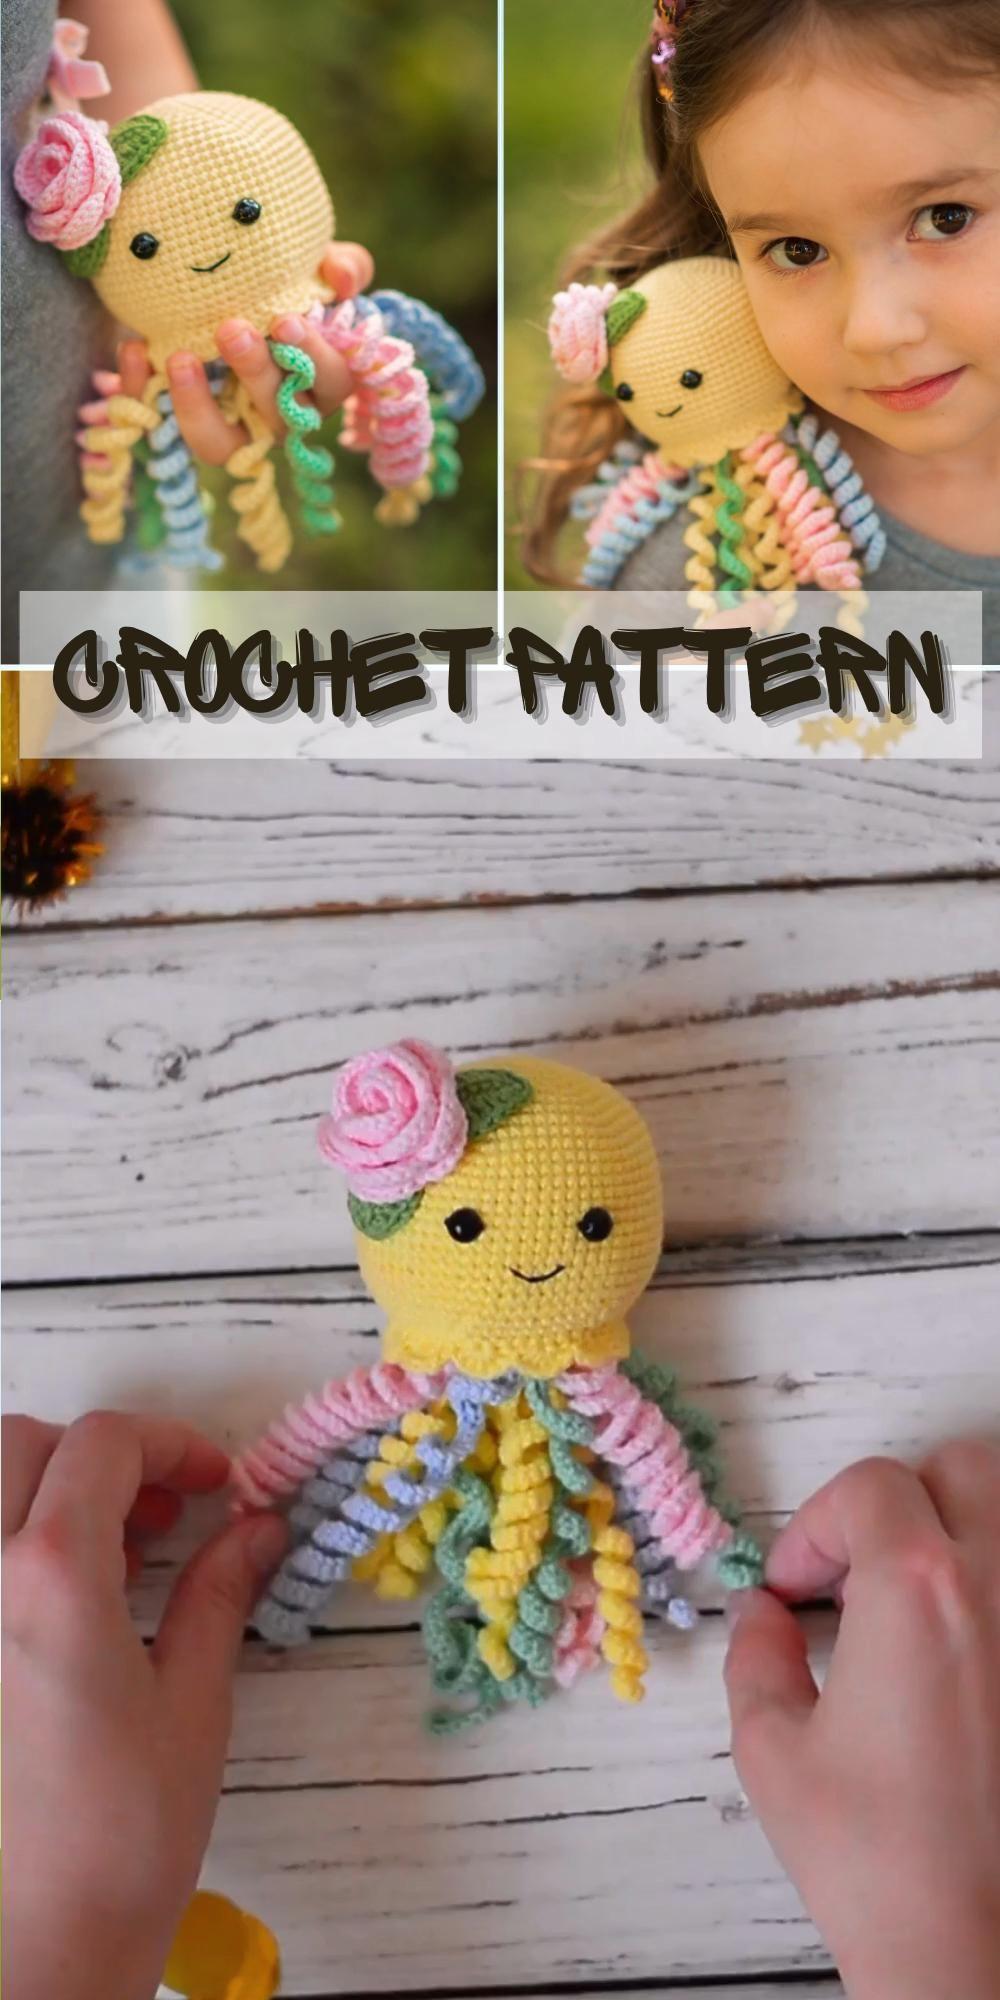 CROCHET PATTERN Octopus, Crochet pattern Baby Octopus, Amigurumi pattern, Amigurumi animals